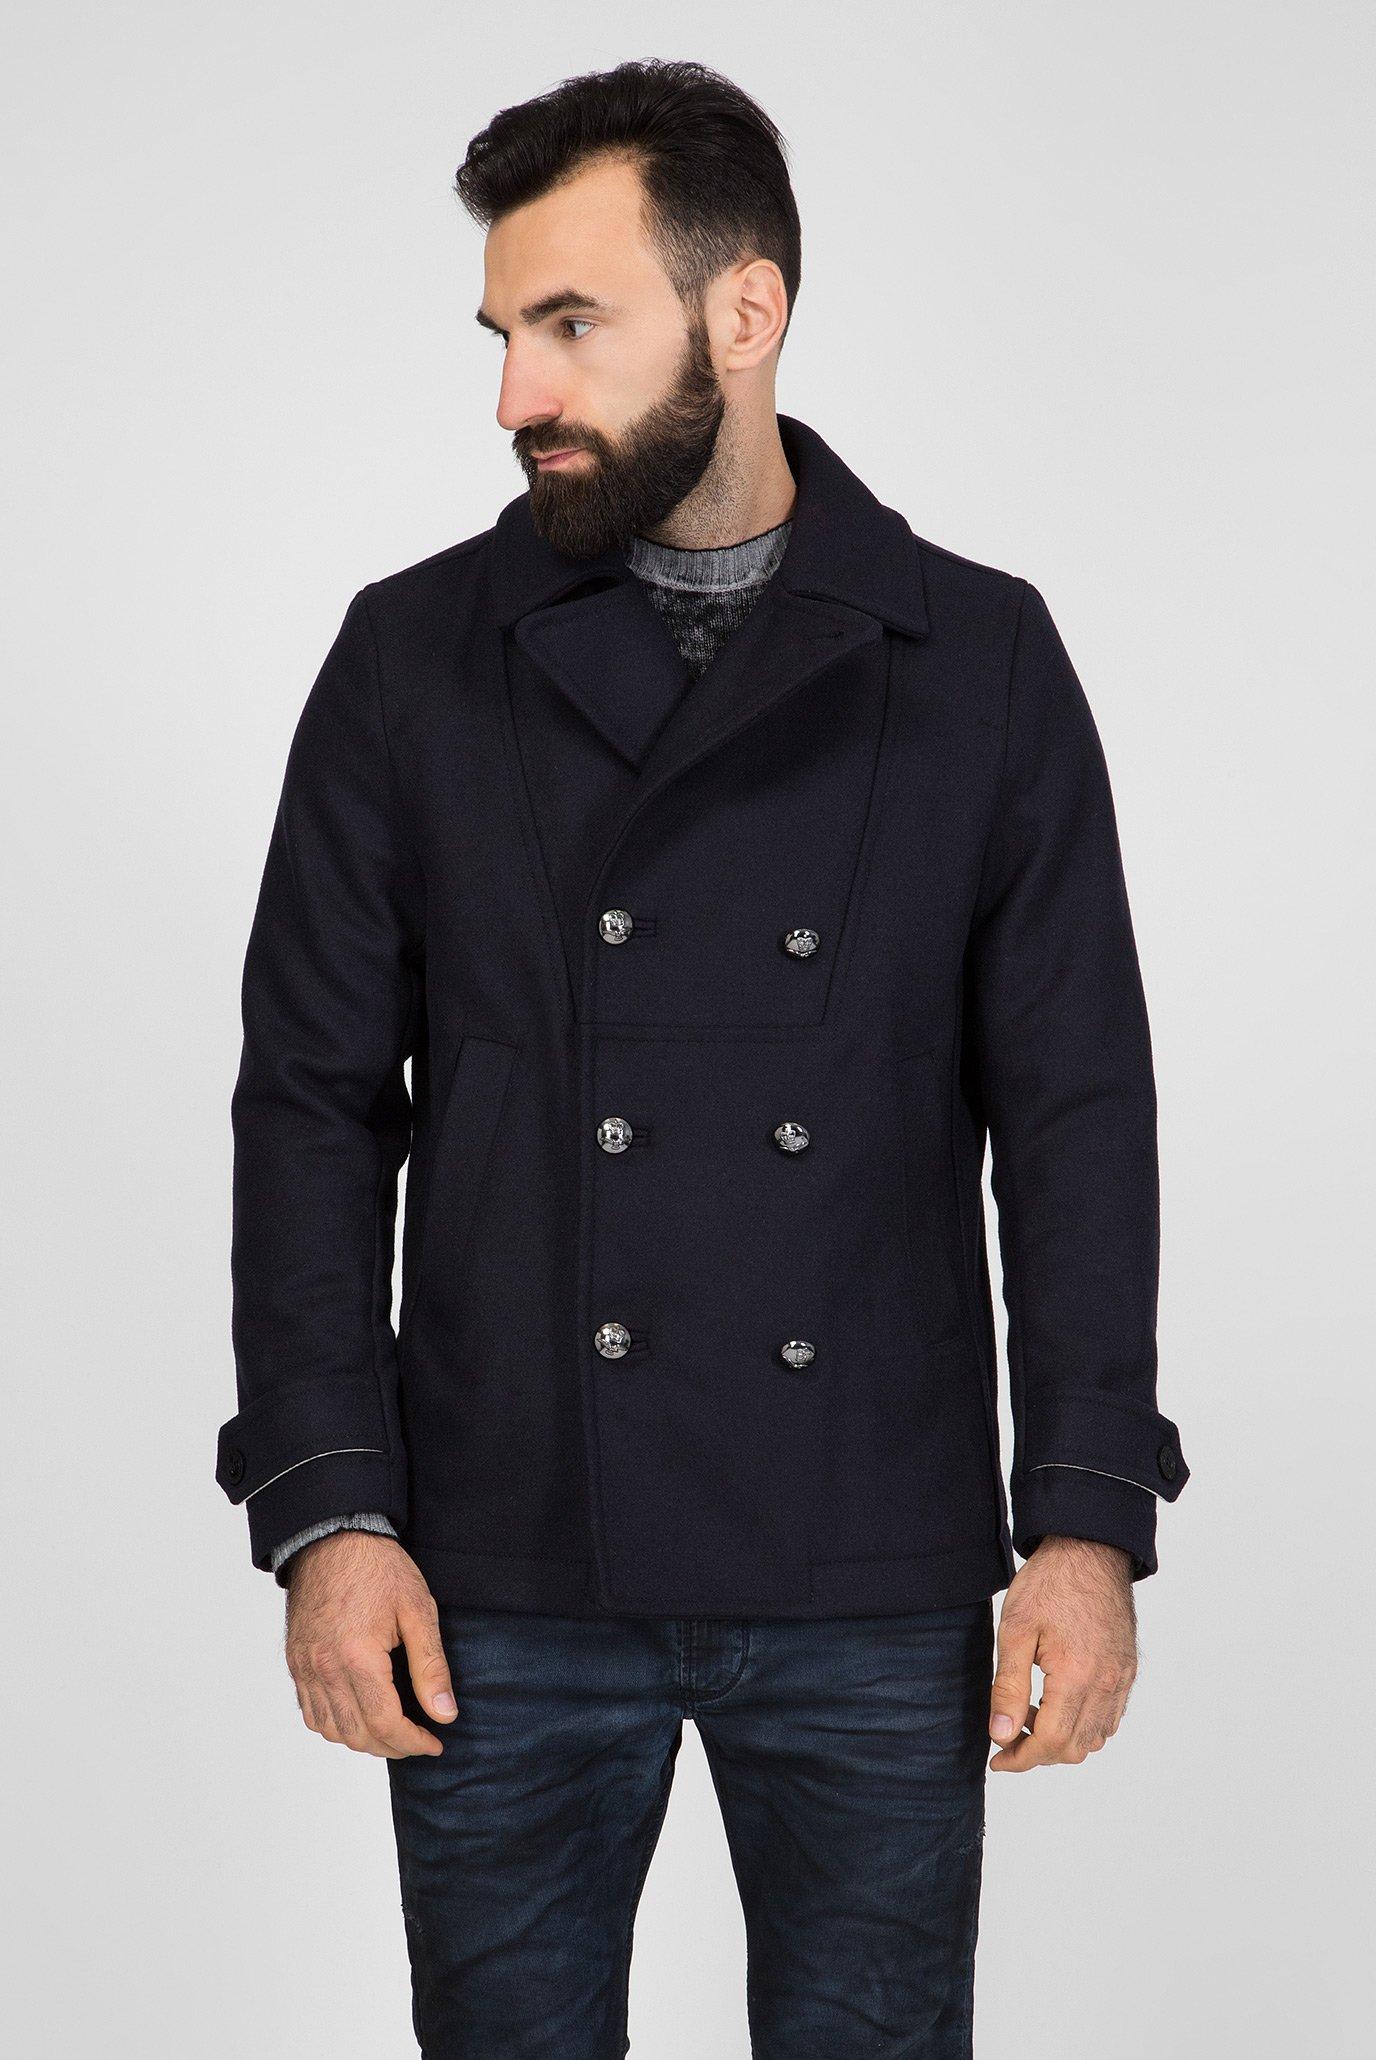 Купить Мужское темно-синее пальто W-BANFI GIACCA Diesel Diesel 00SIMR 0SAJB – Киев, Украина. Цены в интернет магазине MD Fashion